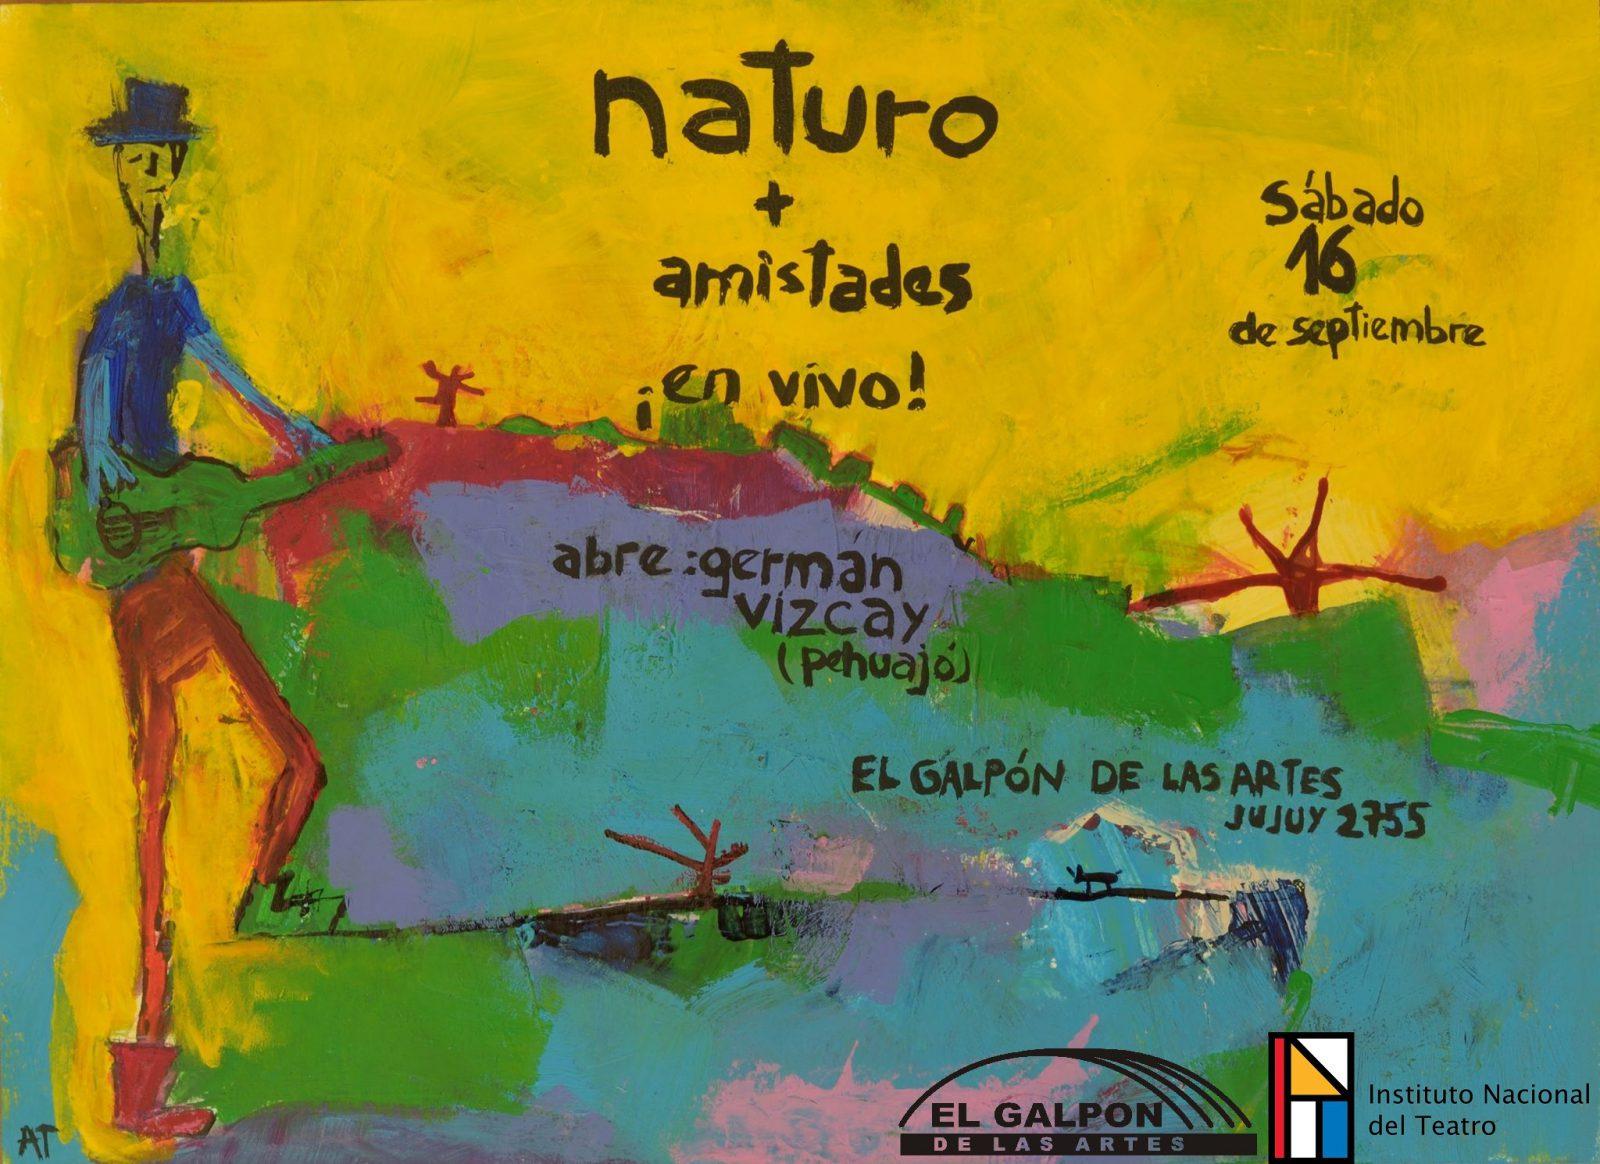 naturo + Germán Vizcay